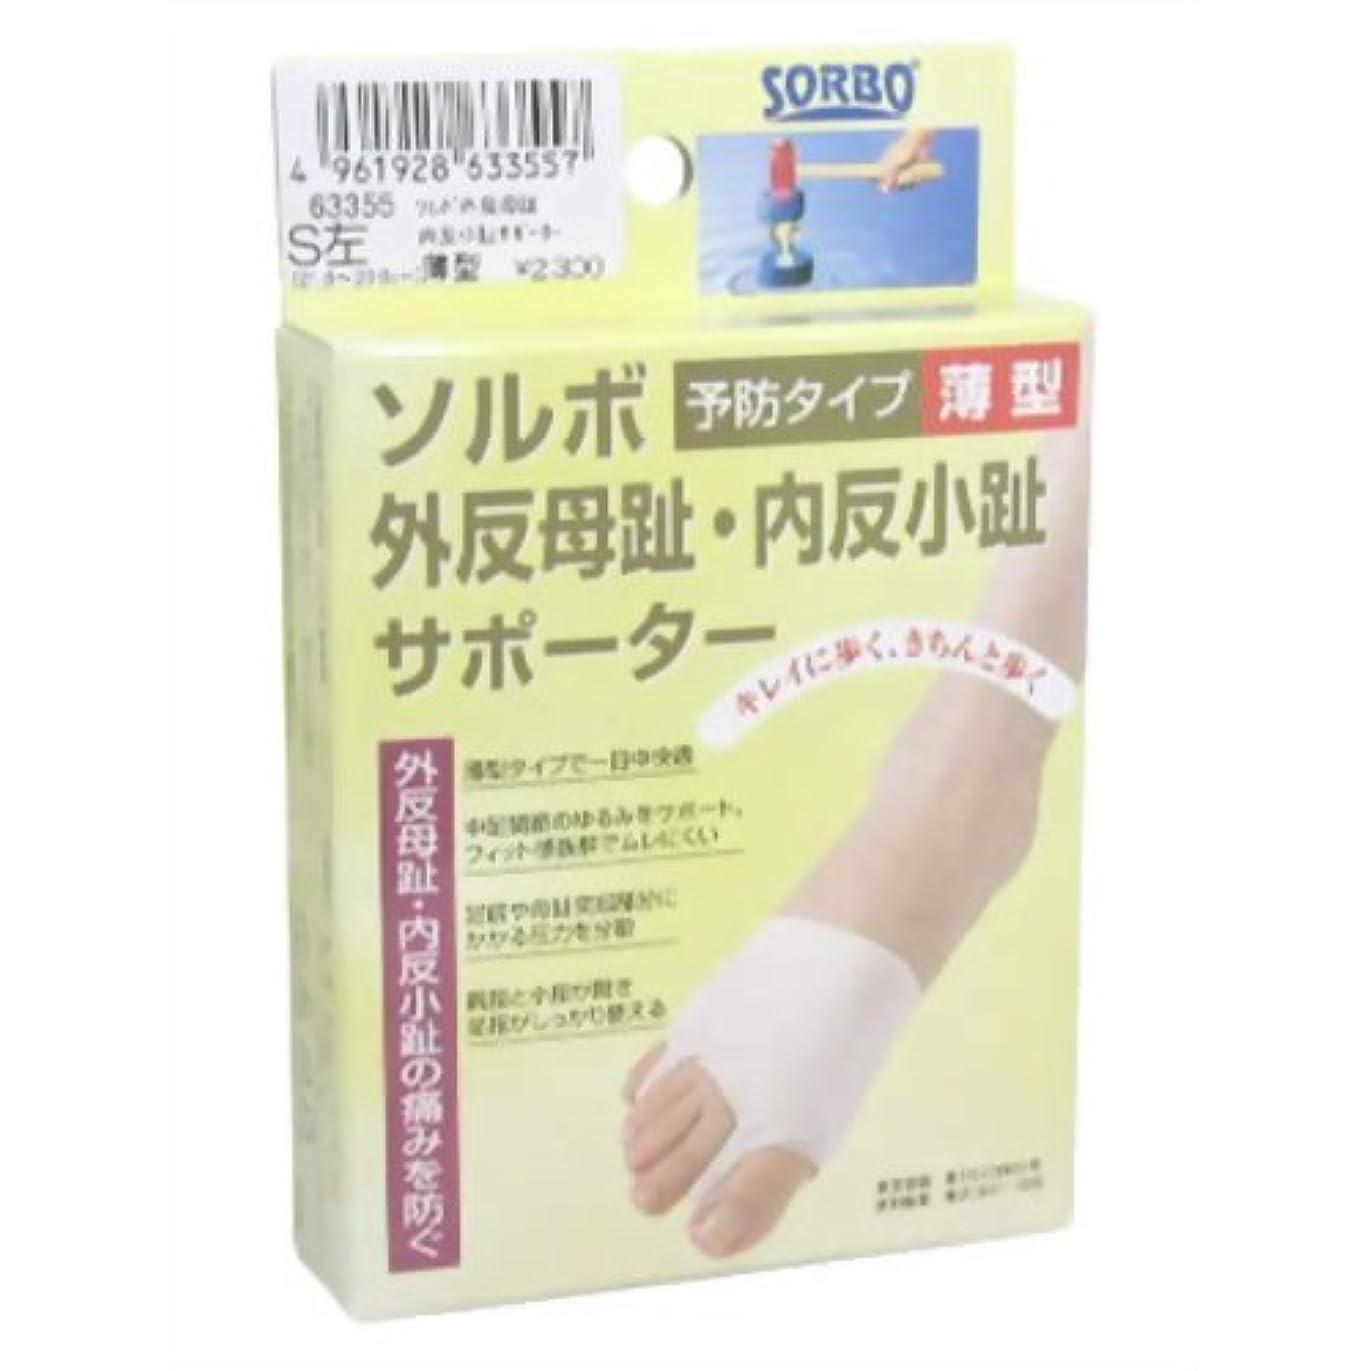 単位下着適応するソルボ外反母趾?内反小趾サポーター薄型 左足Sサイズ